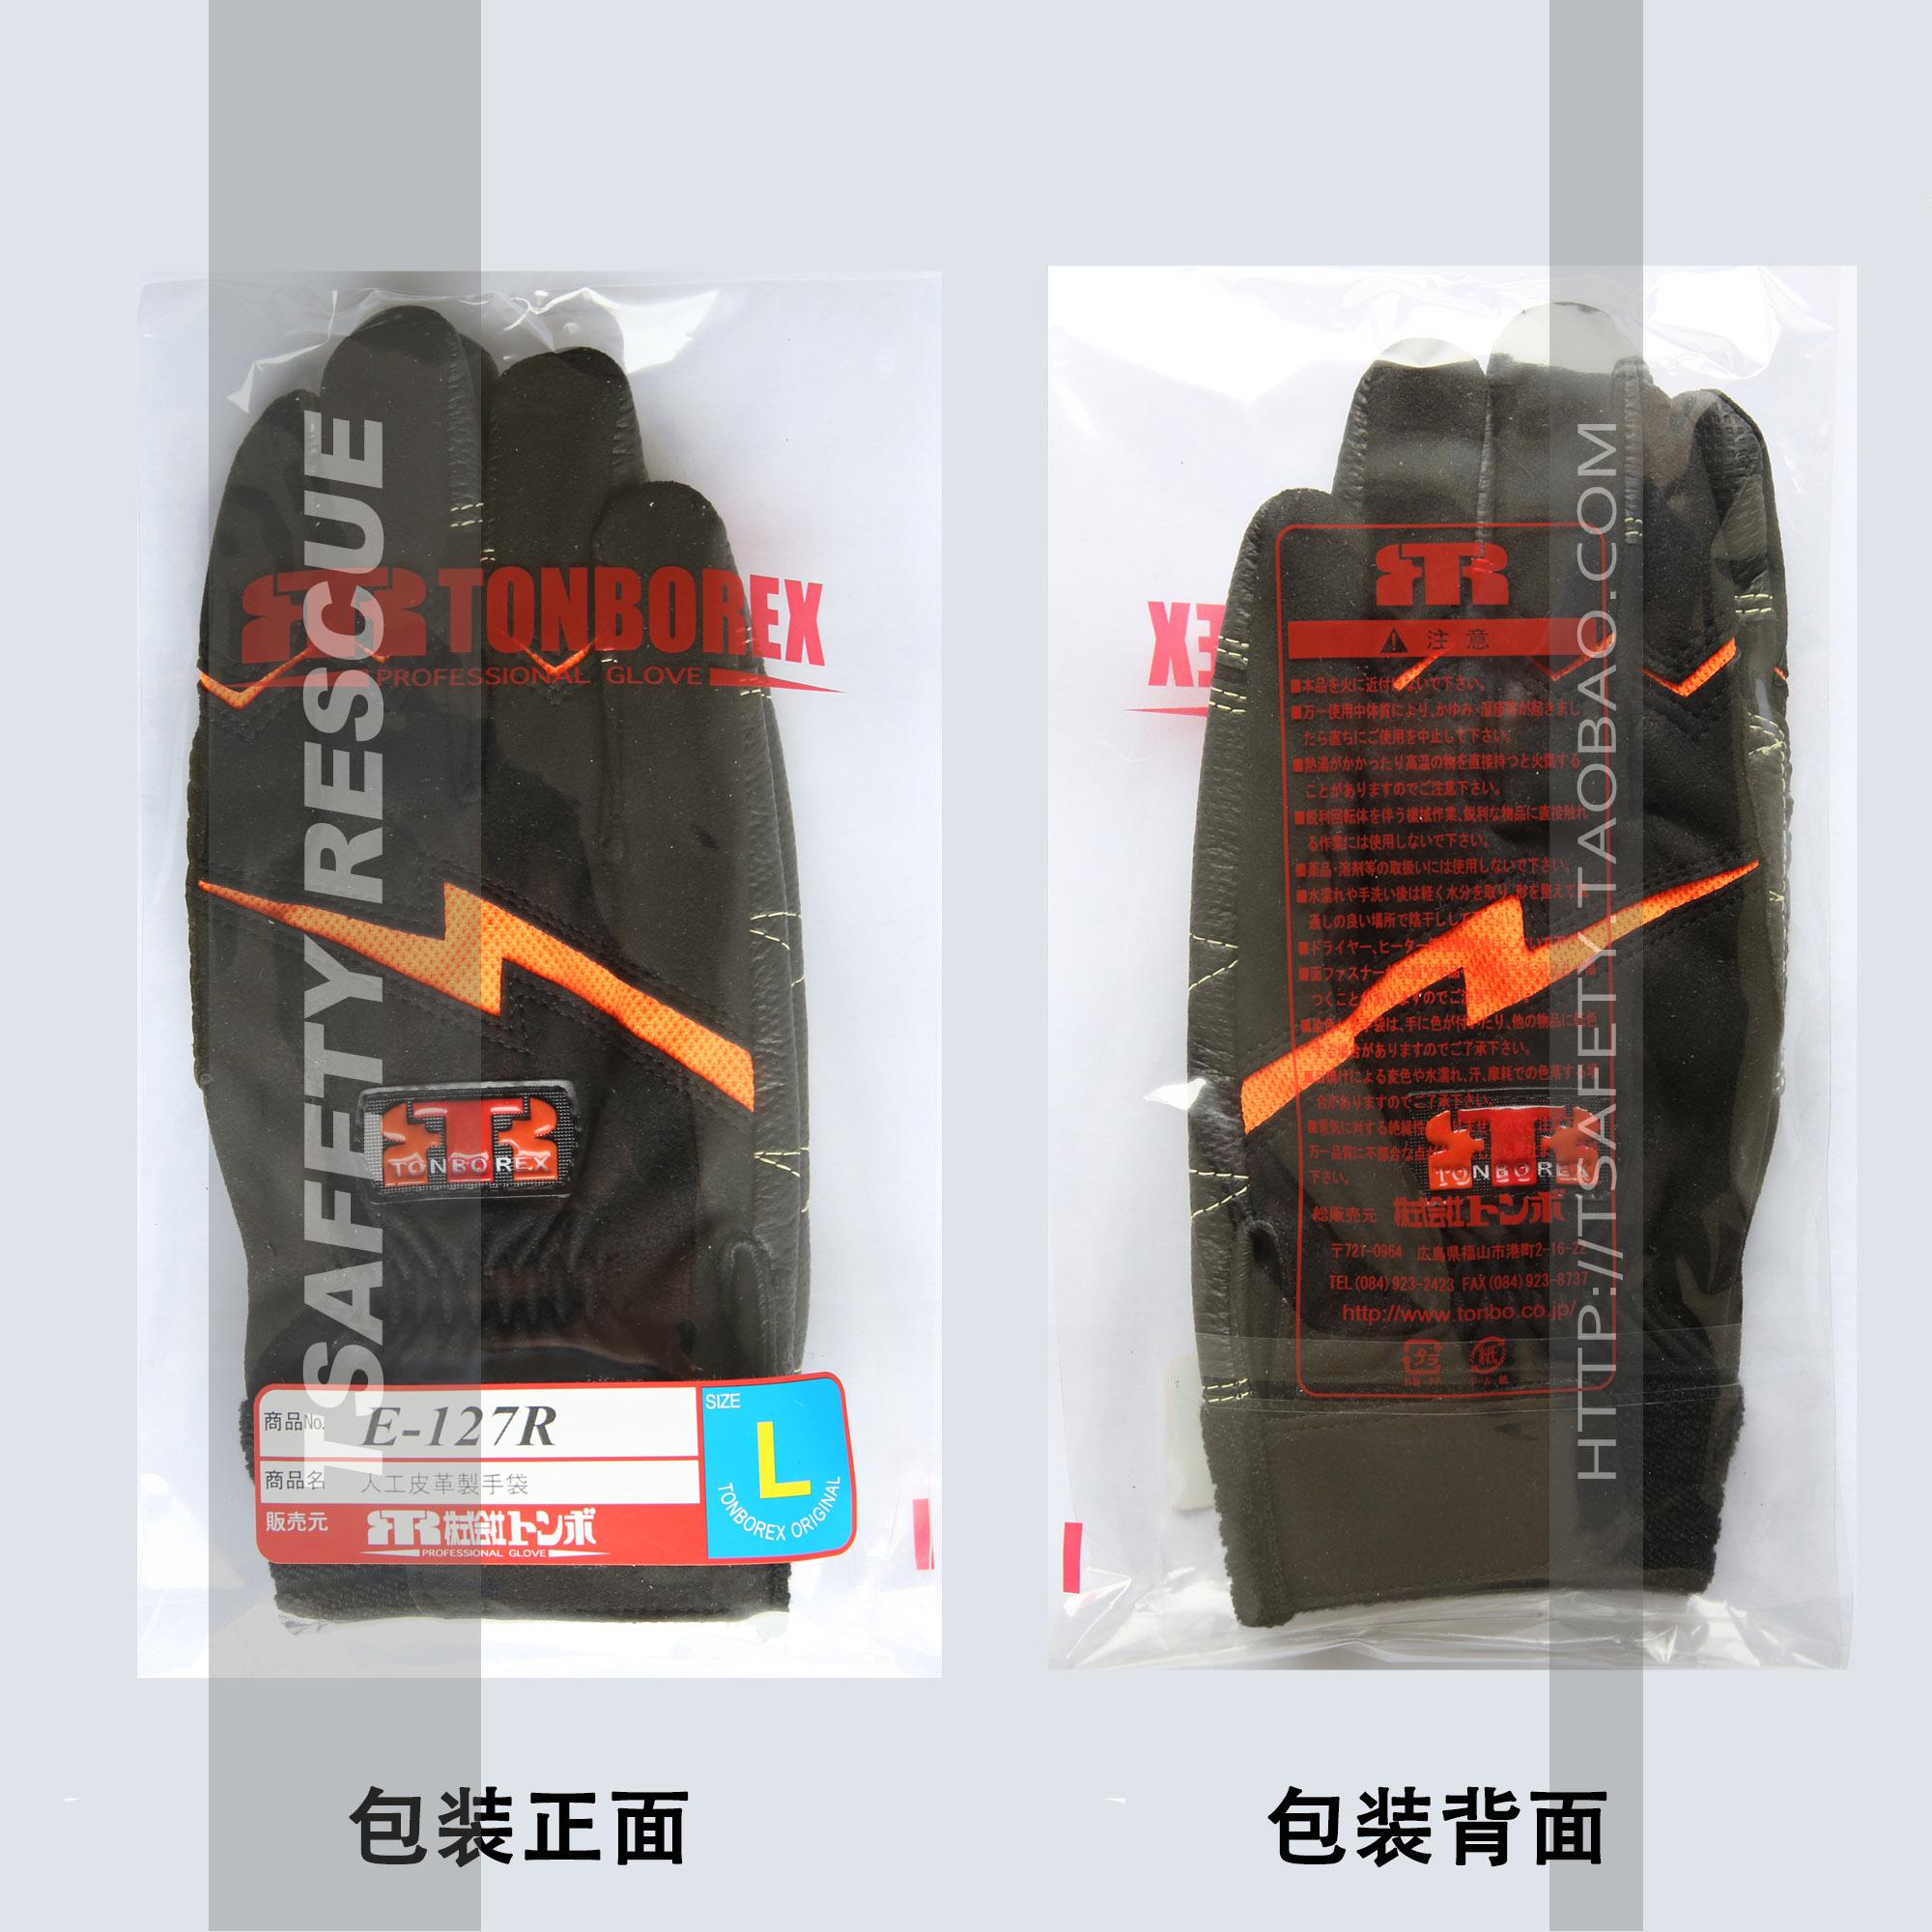 日本原装进口防滑抢险救援手套加厚消防比武攀绳爬绳 正品E-127R